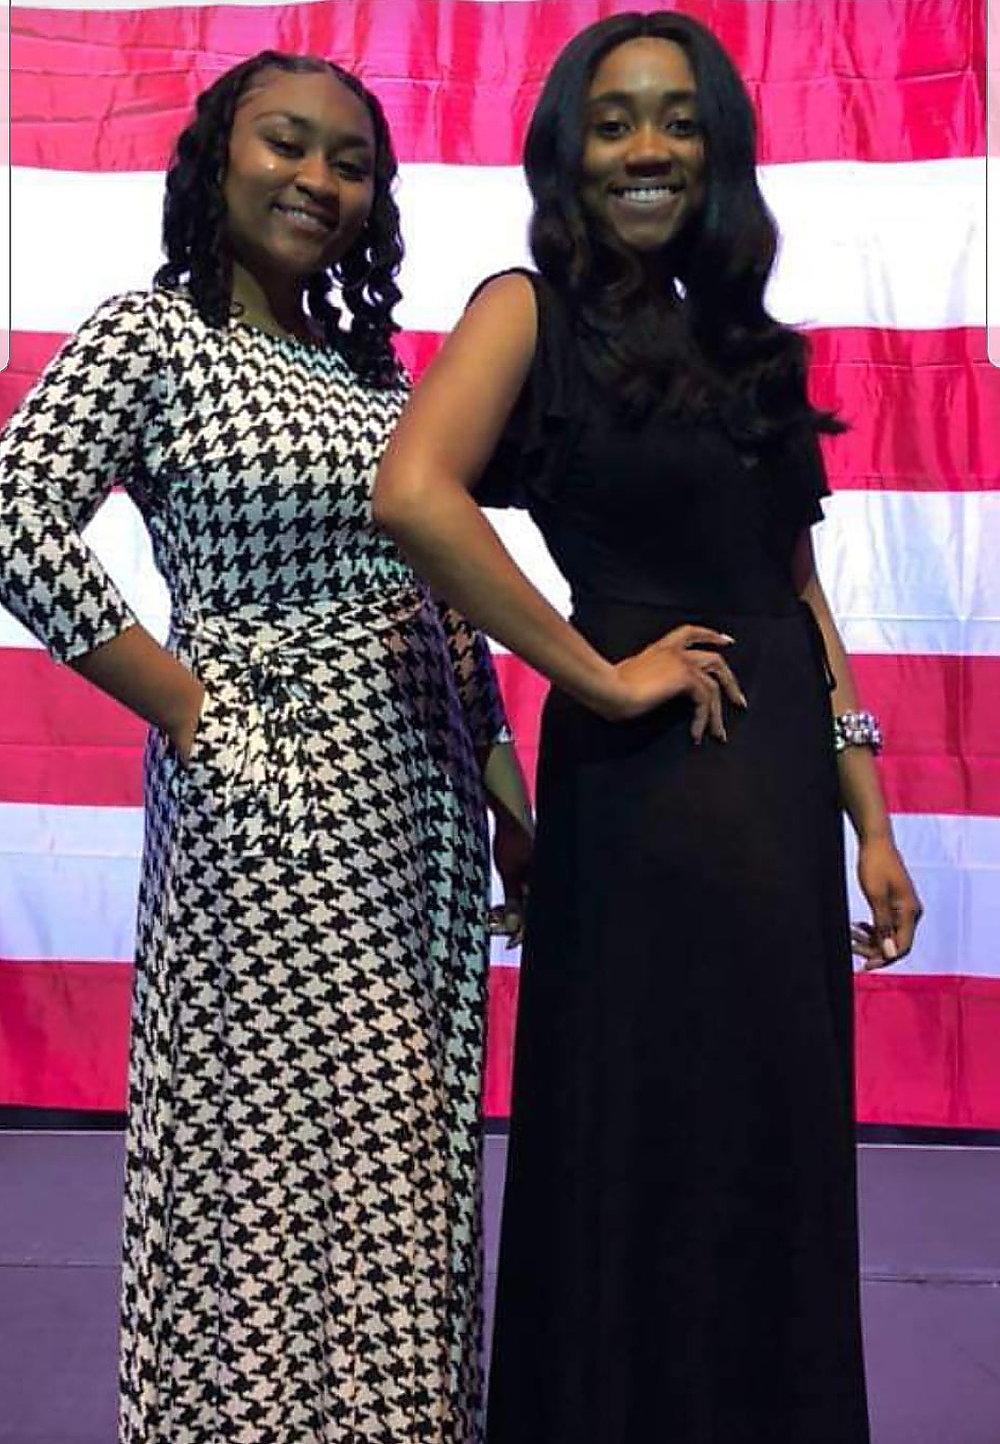 Turner Sisters 2.JPG